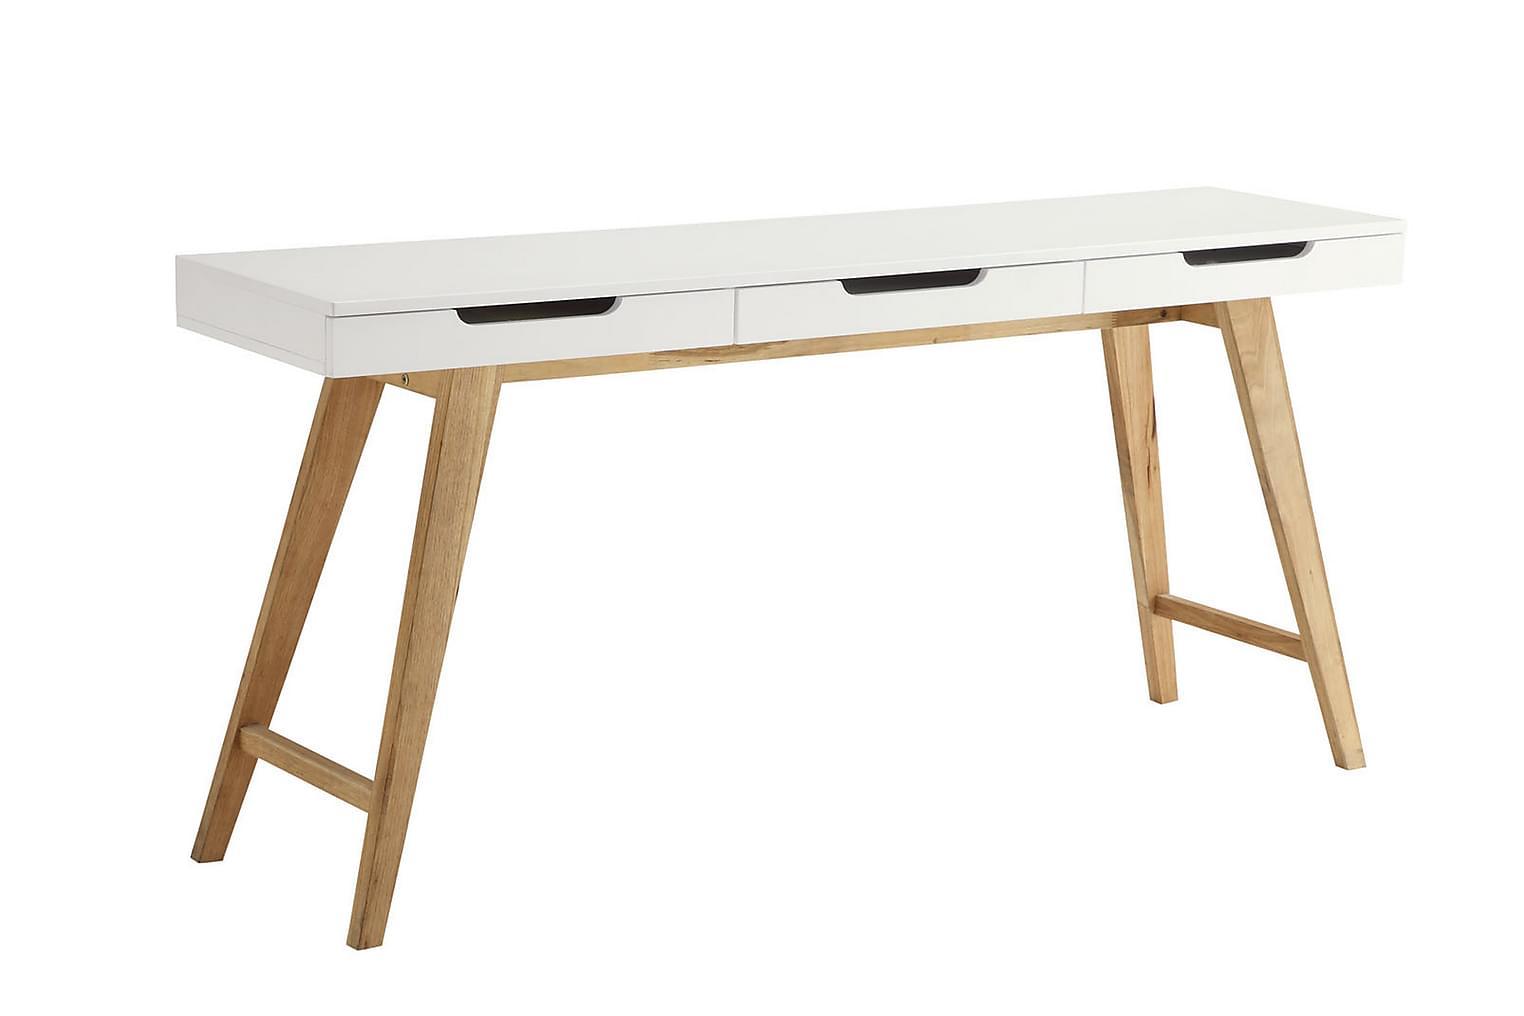 OSSI Kirjoituspöytä 160 Valkoinen/Luonnonväri